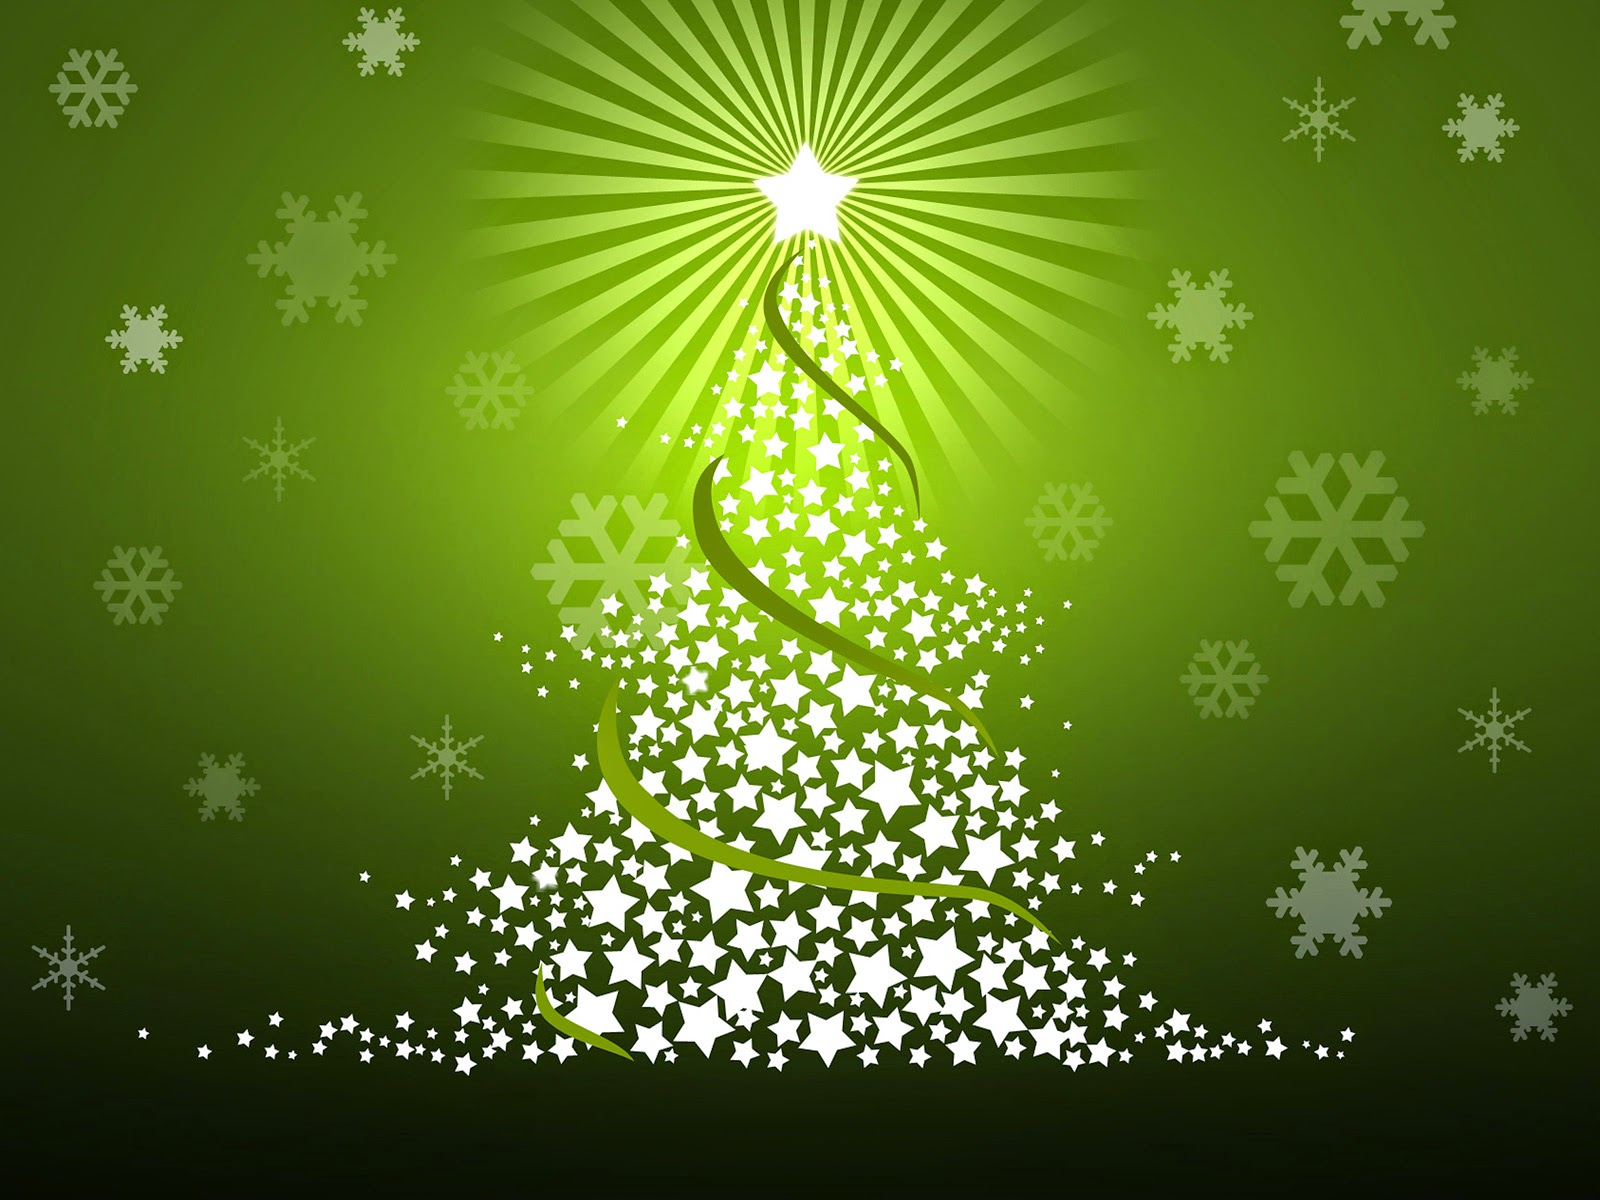 Lhasa Apso Blog: Merry Christmas